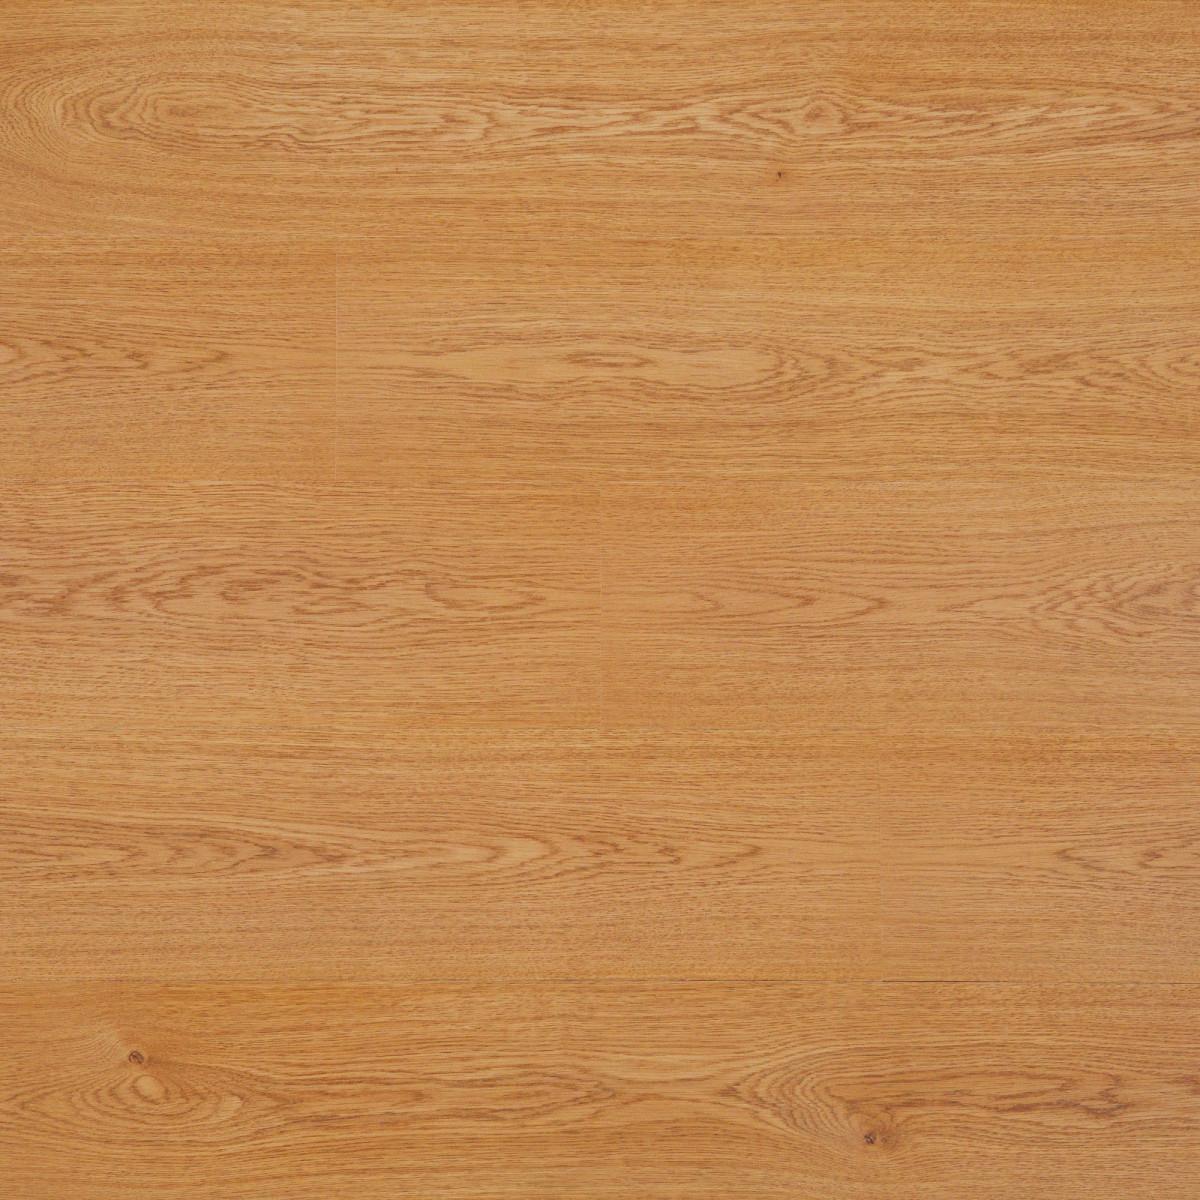 Ламинат Artens Кронсал 33 класс толщина 12 мм 1.48 м²